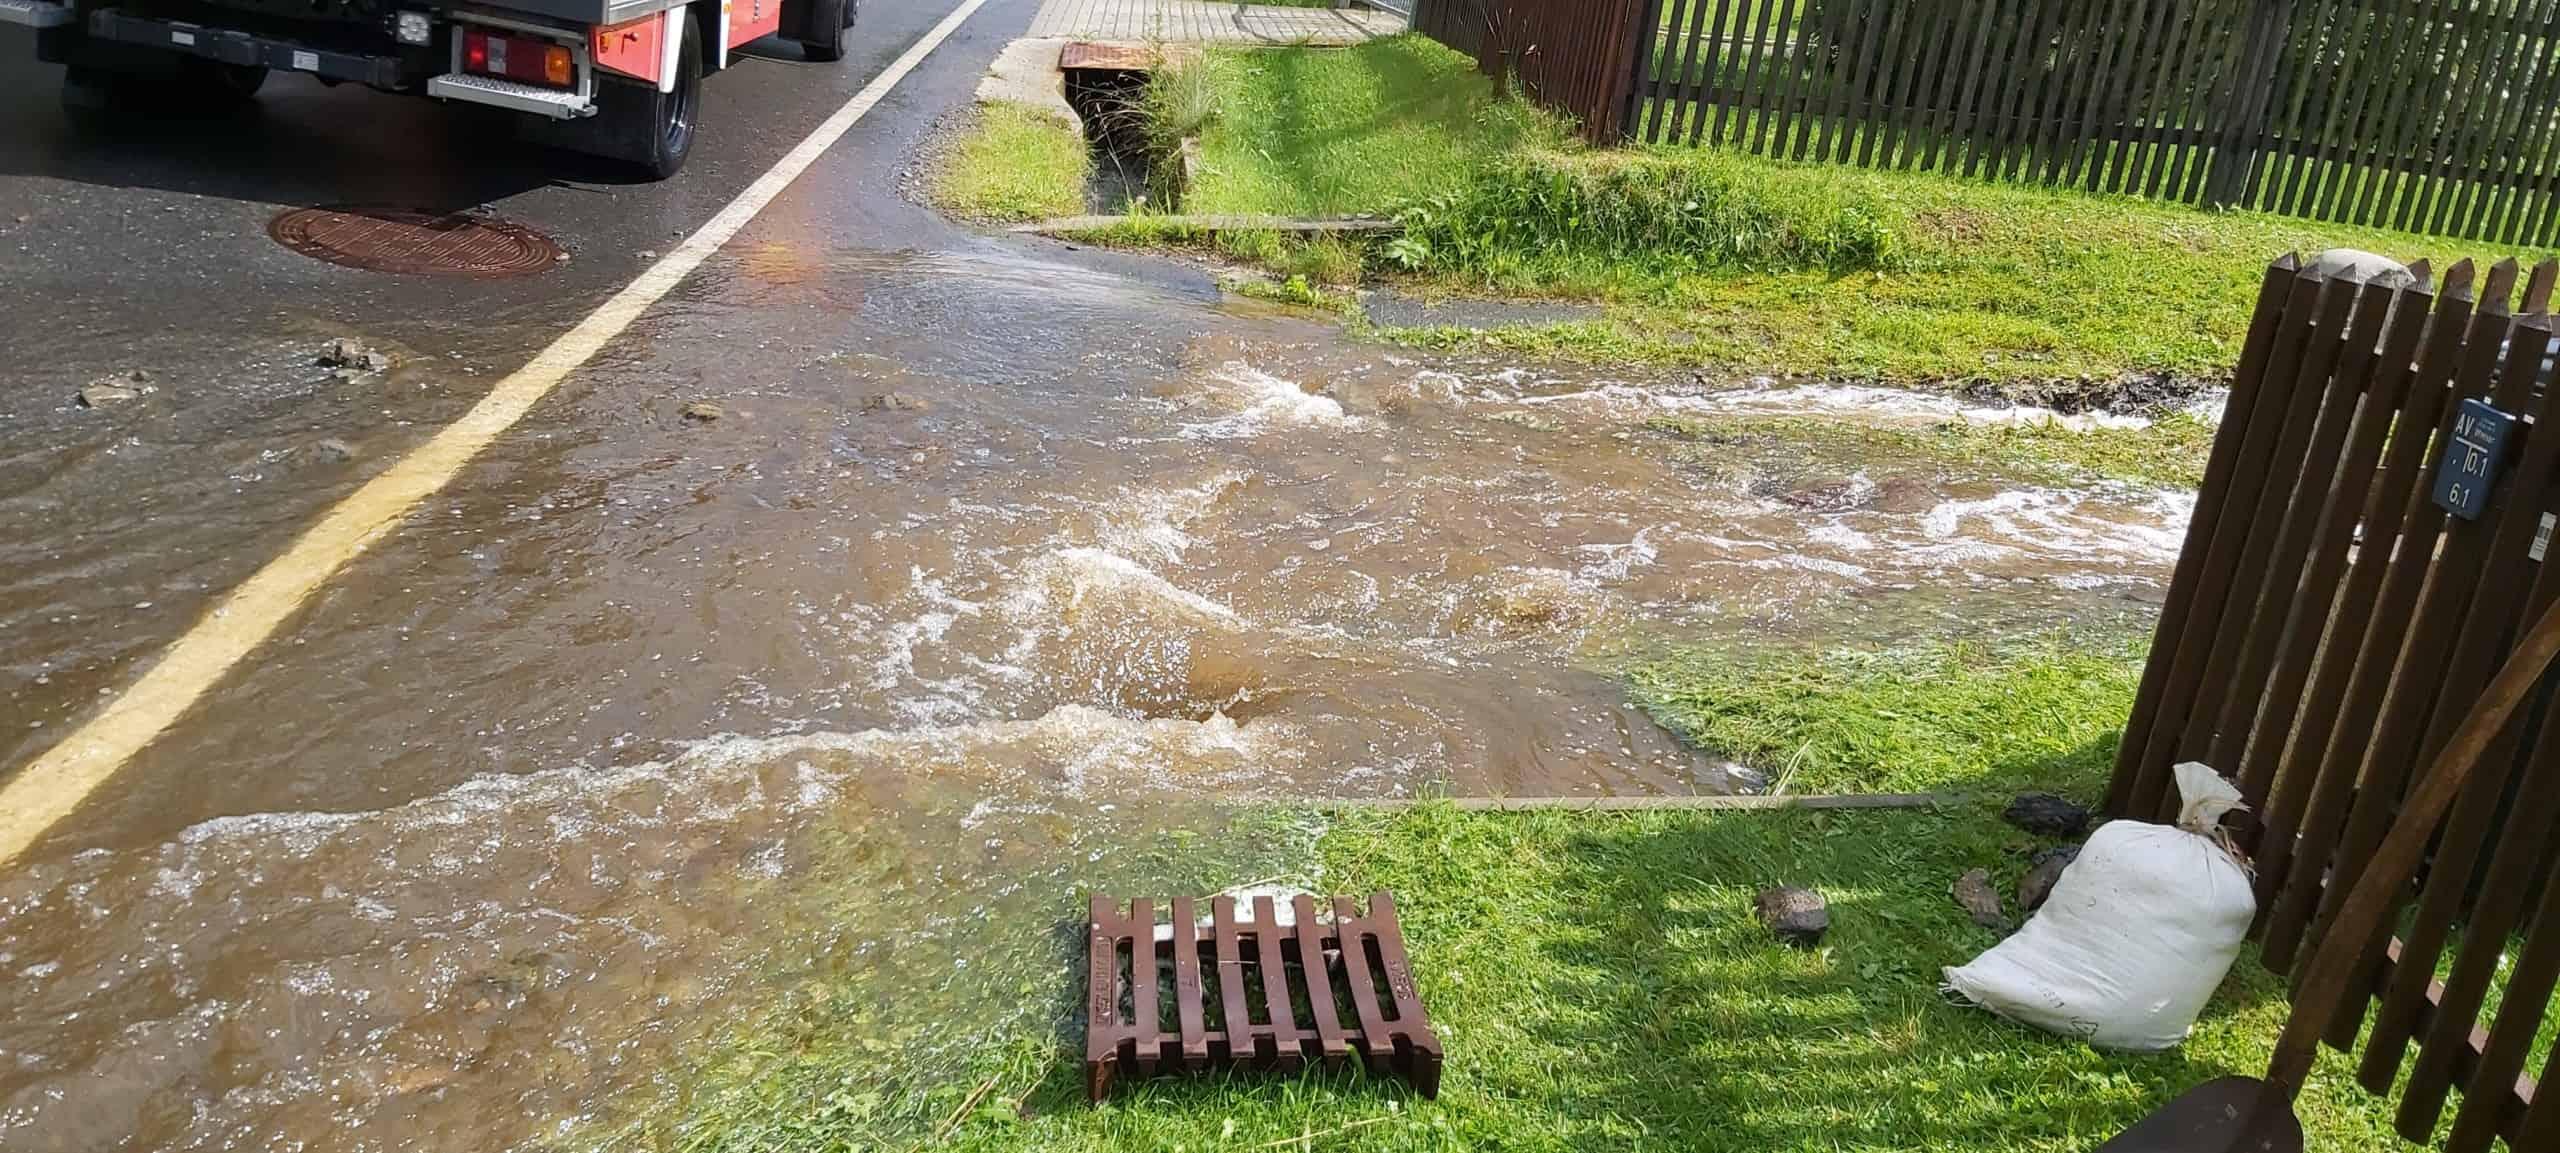 TH 1 | Überflutung nach Regenfällen 4